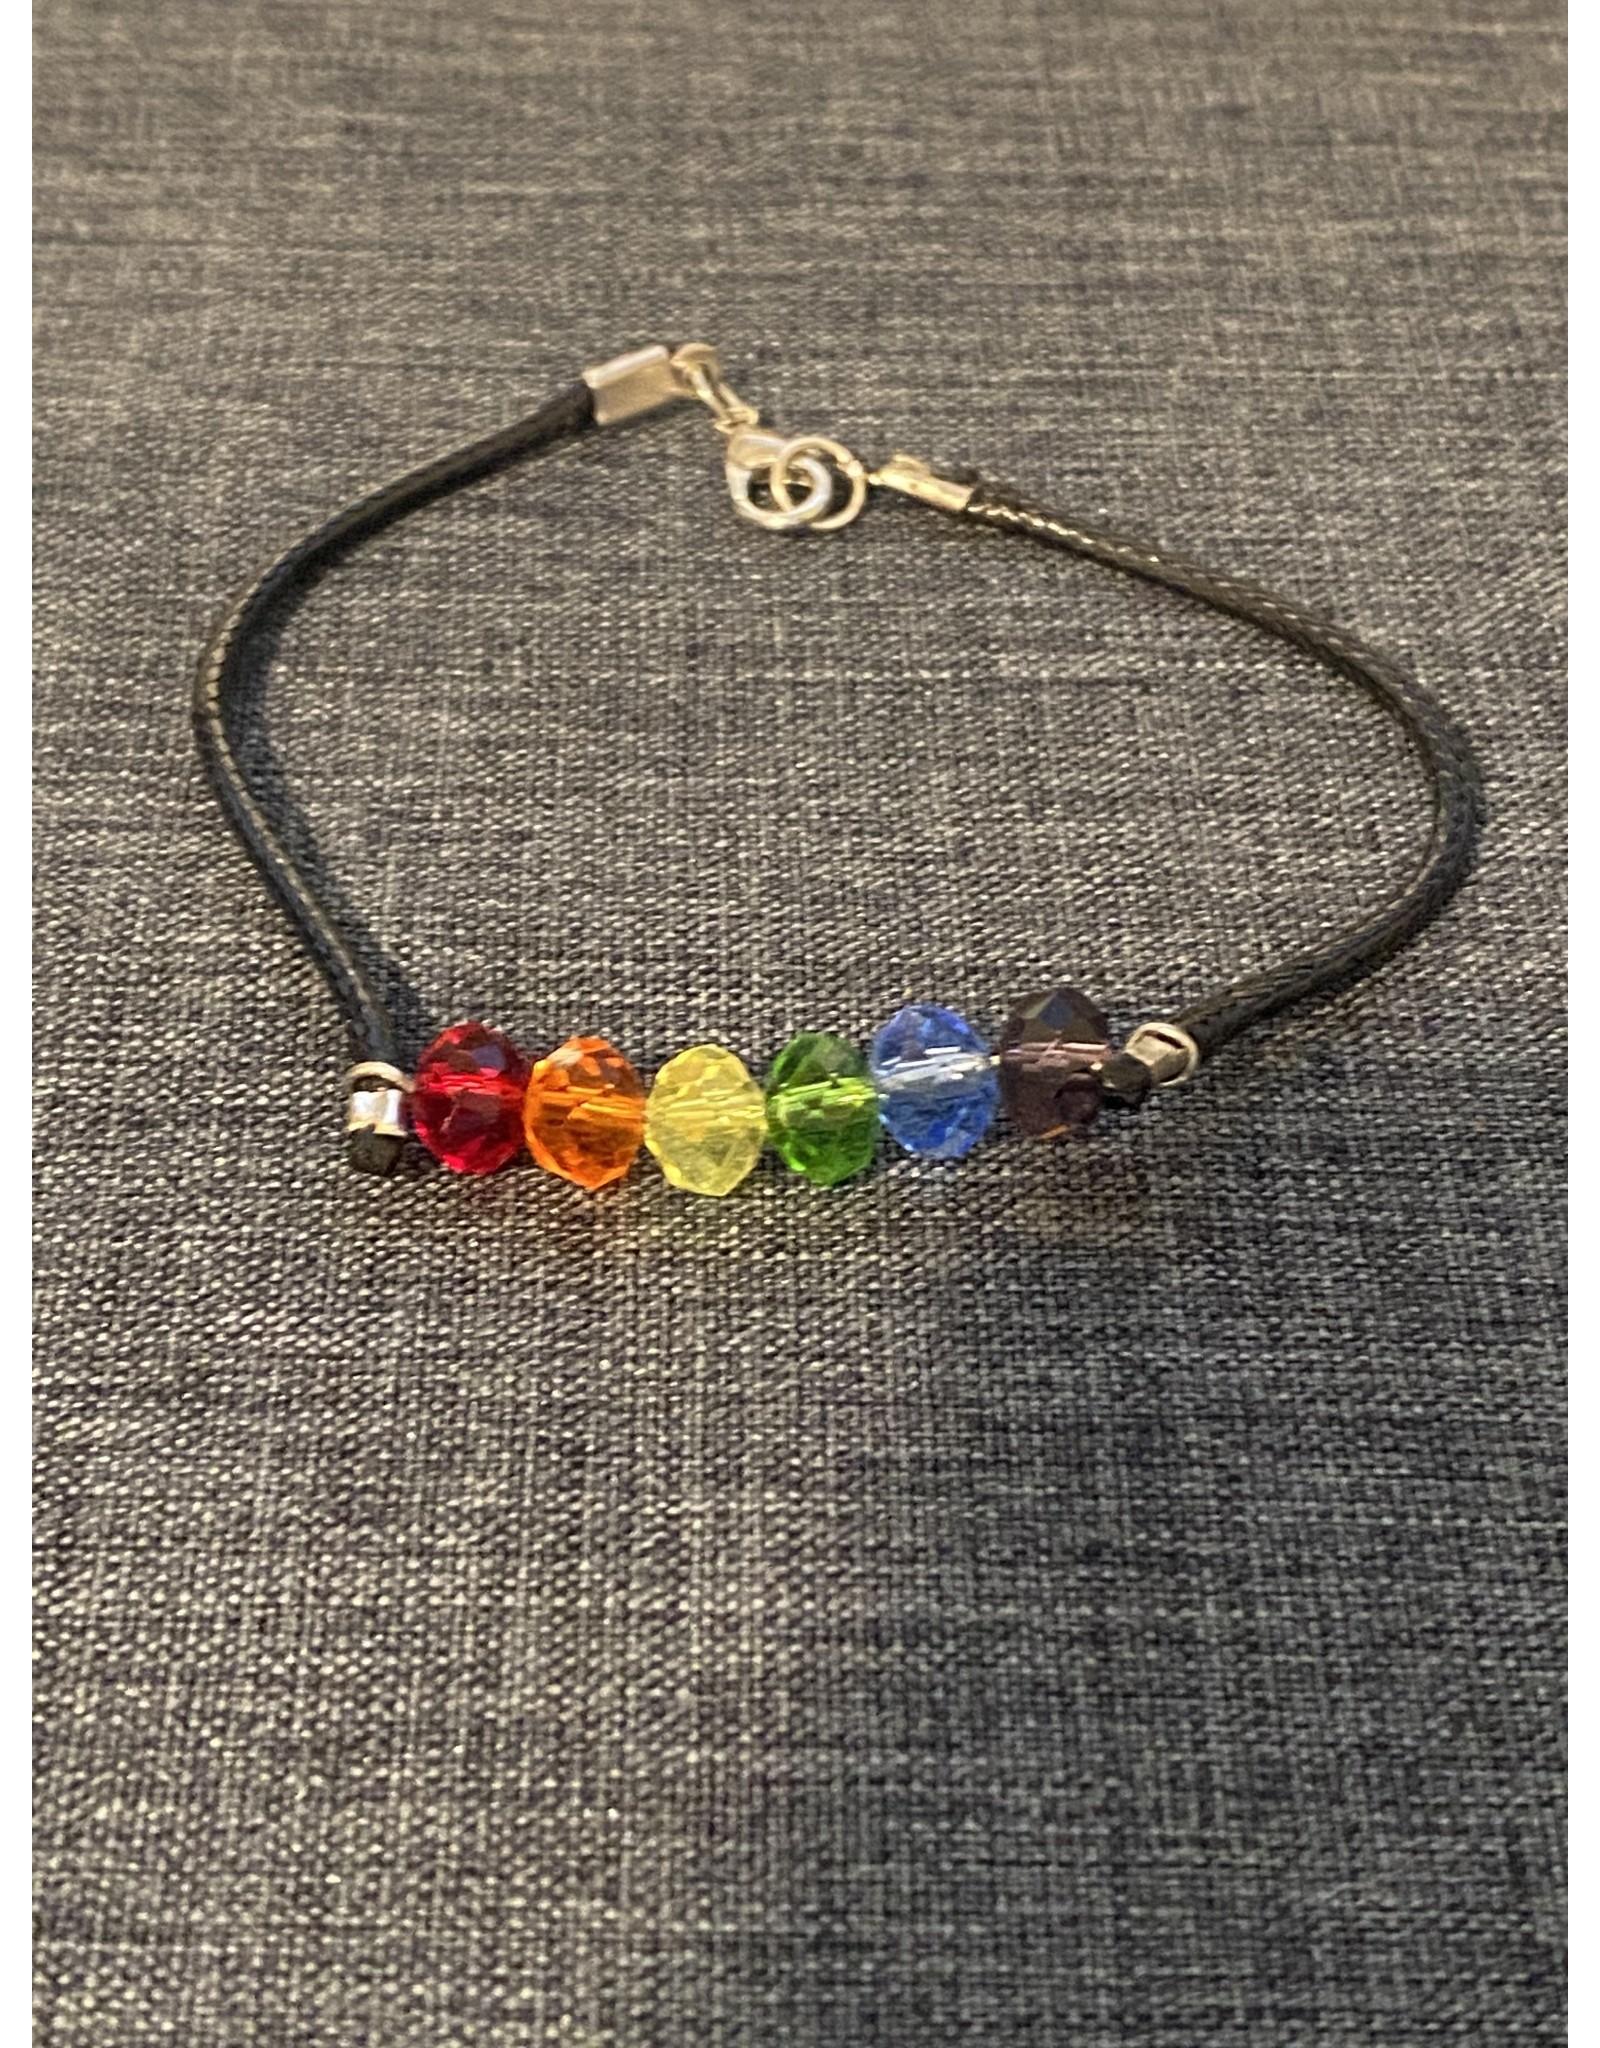 Minxiejewlr Rainbow Bracelet